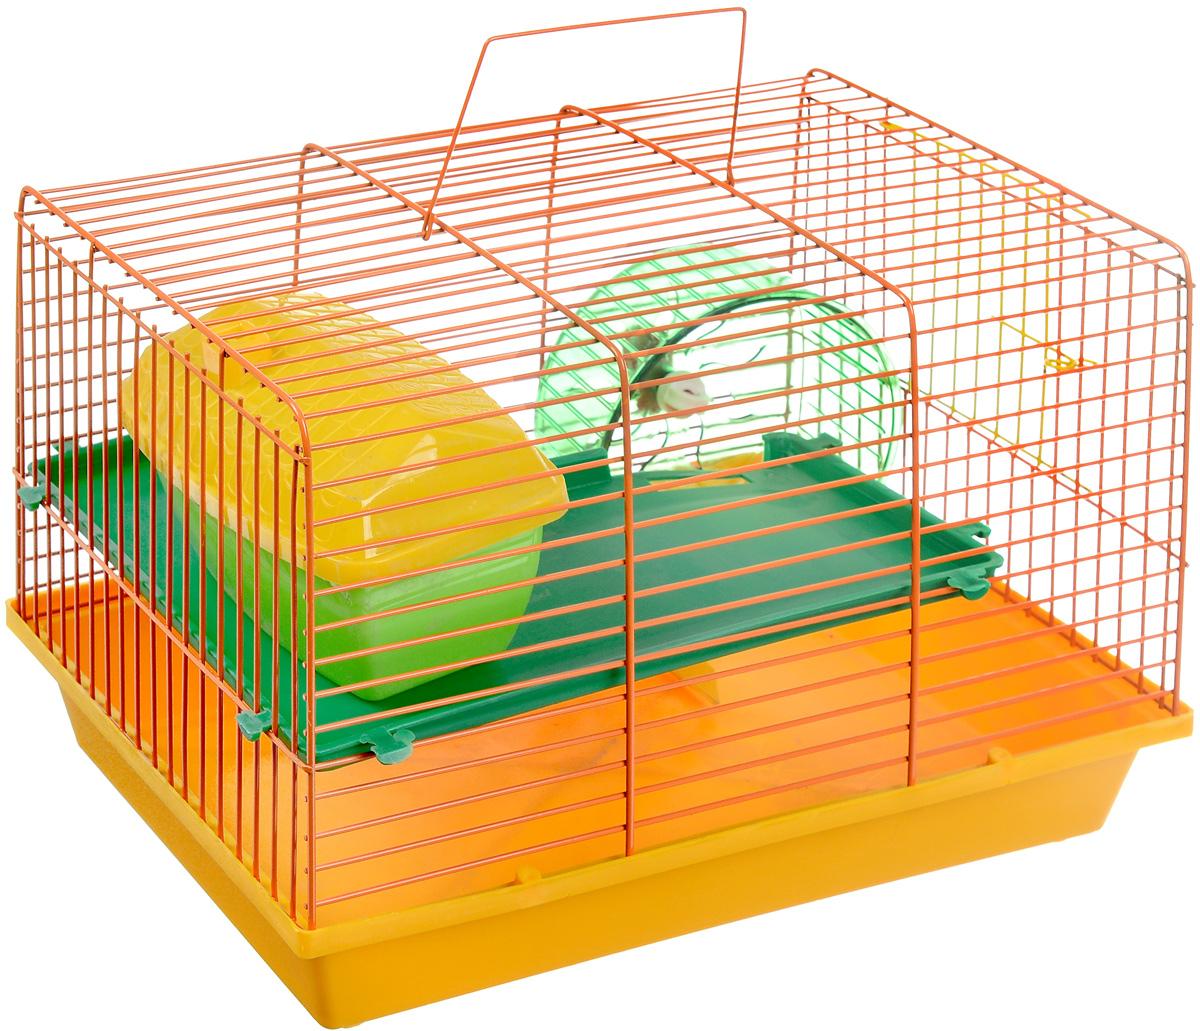 """Клетка для грызунов """"ЗооМарк"""", 2-этажная, цвет: желтый поддон, оранжевая решетка, зеленый этаж, 36 х 23 х 24 см"""